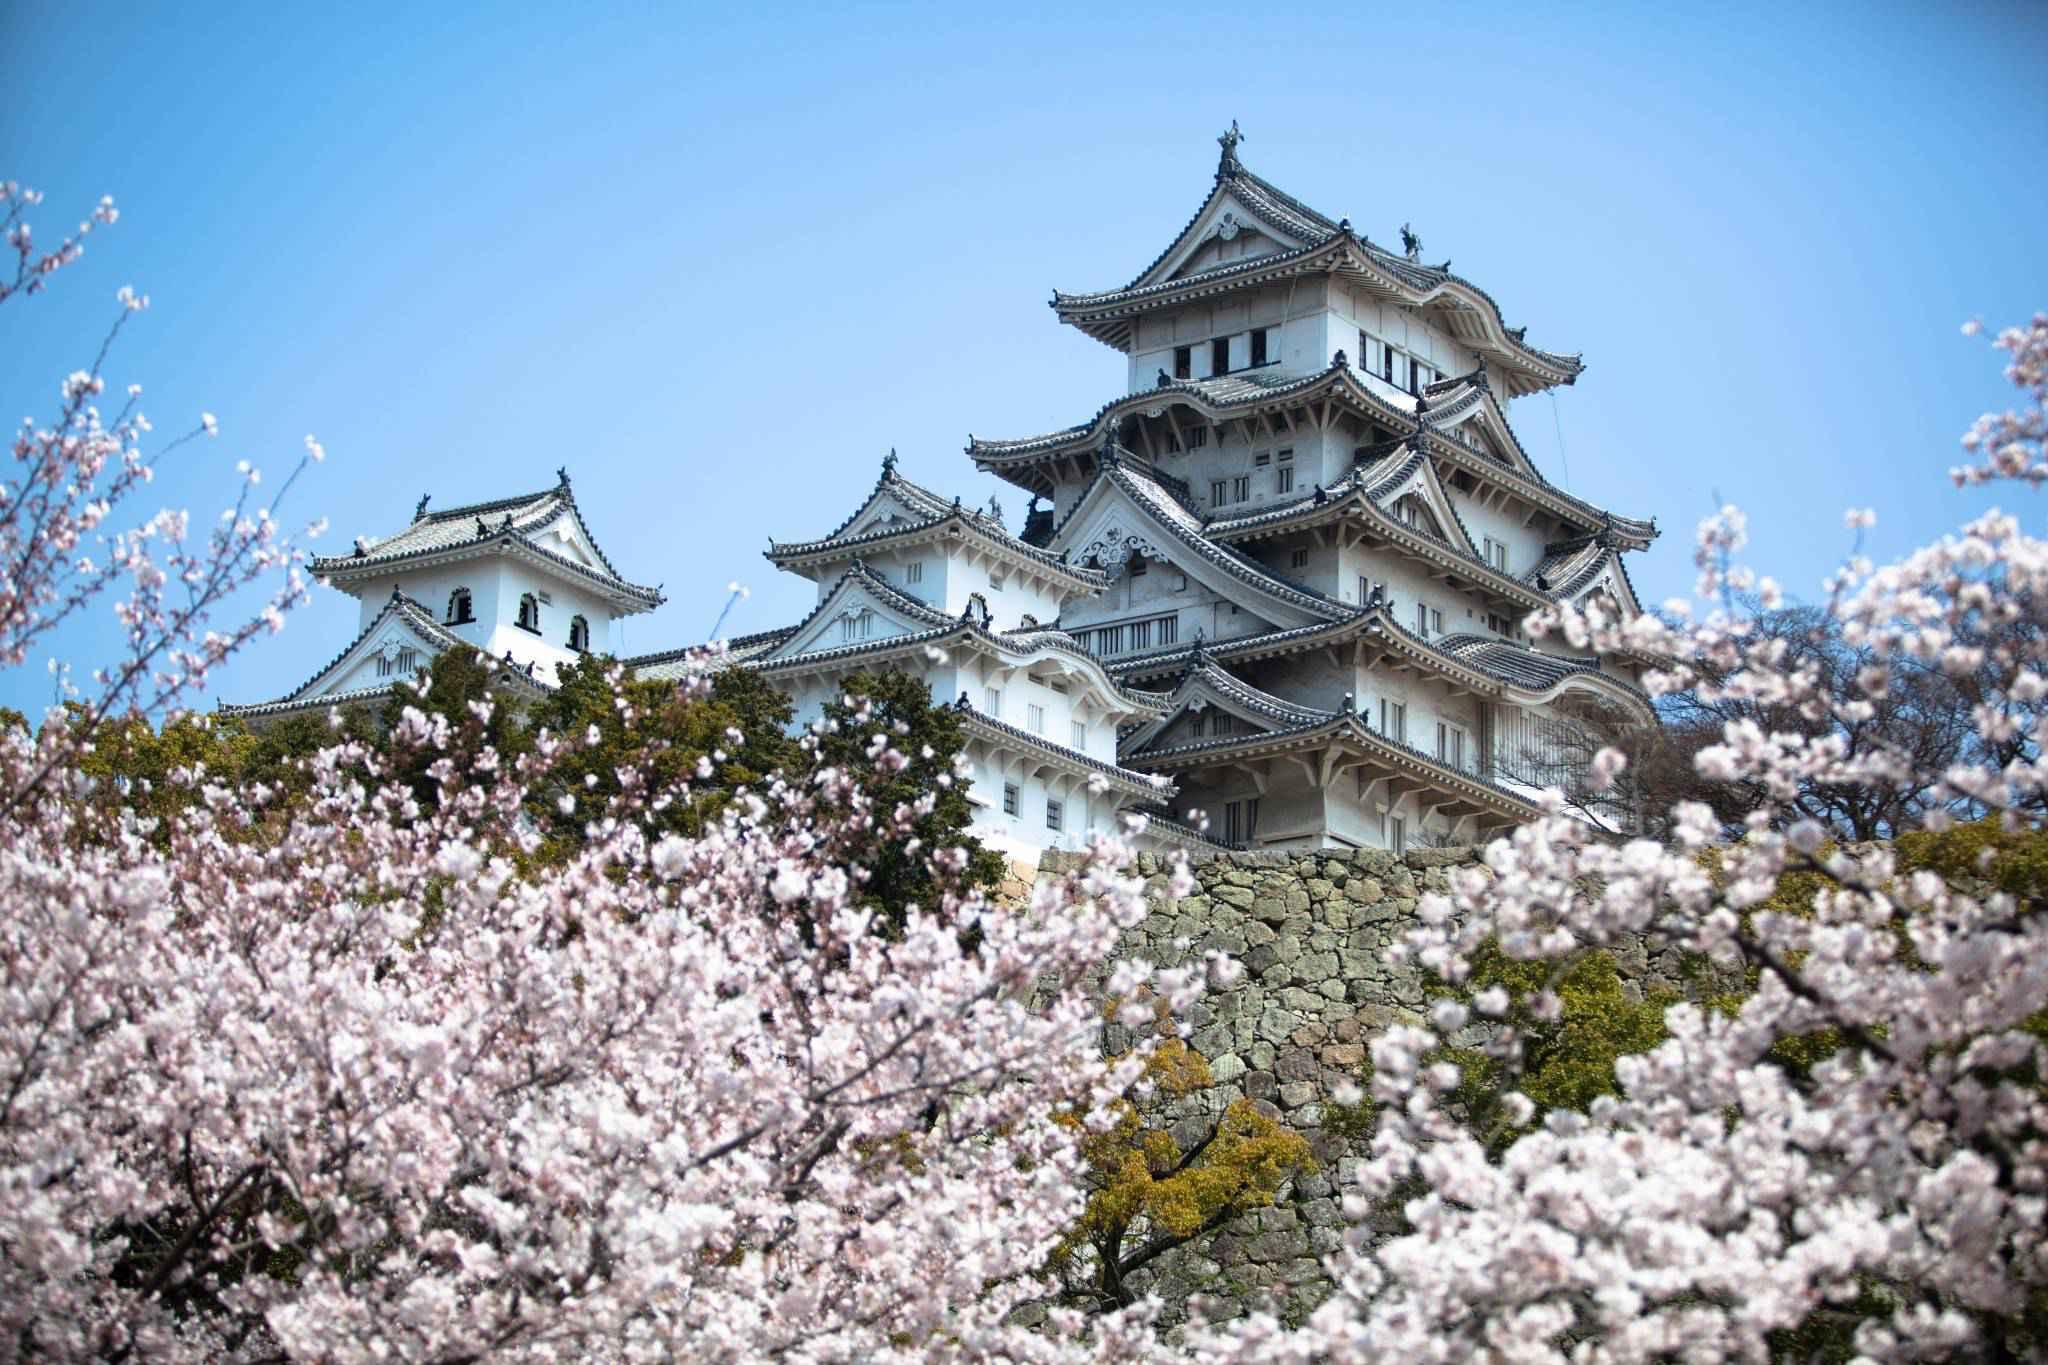 Kết quả hình ảnh cho Imperial Palace